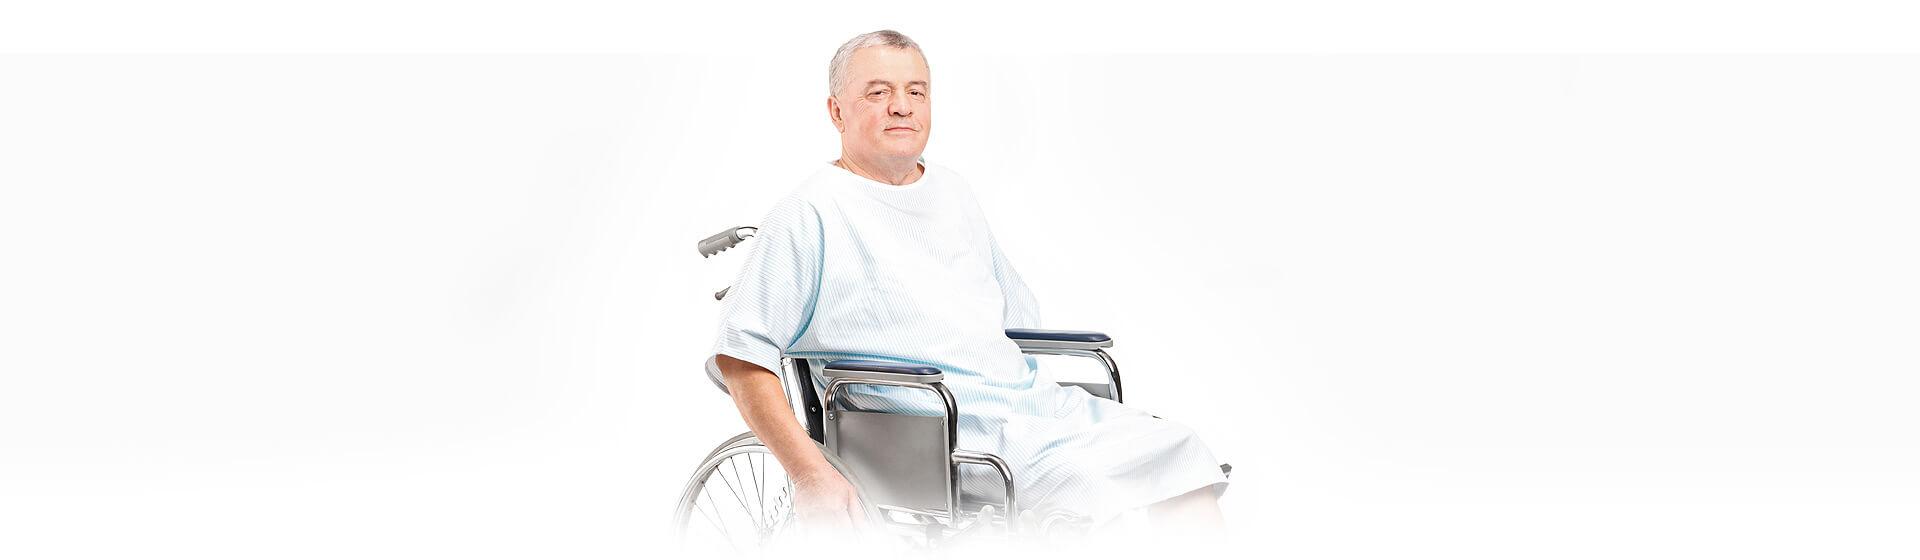 Headerbild Patient